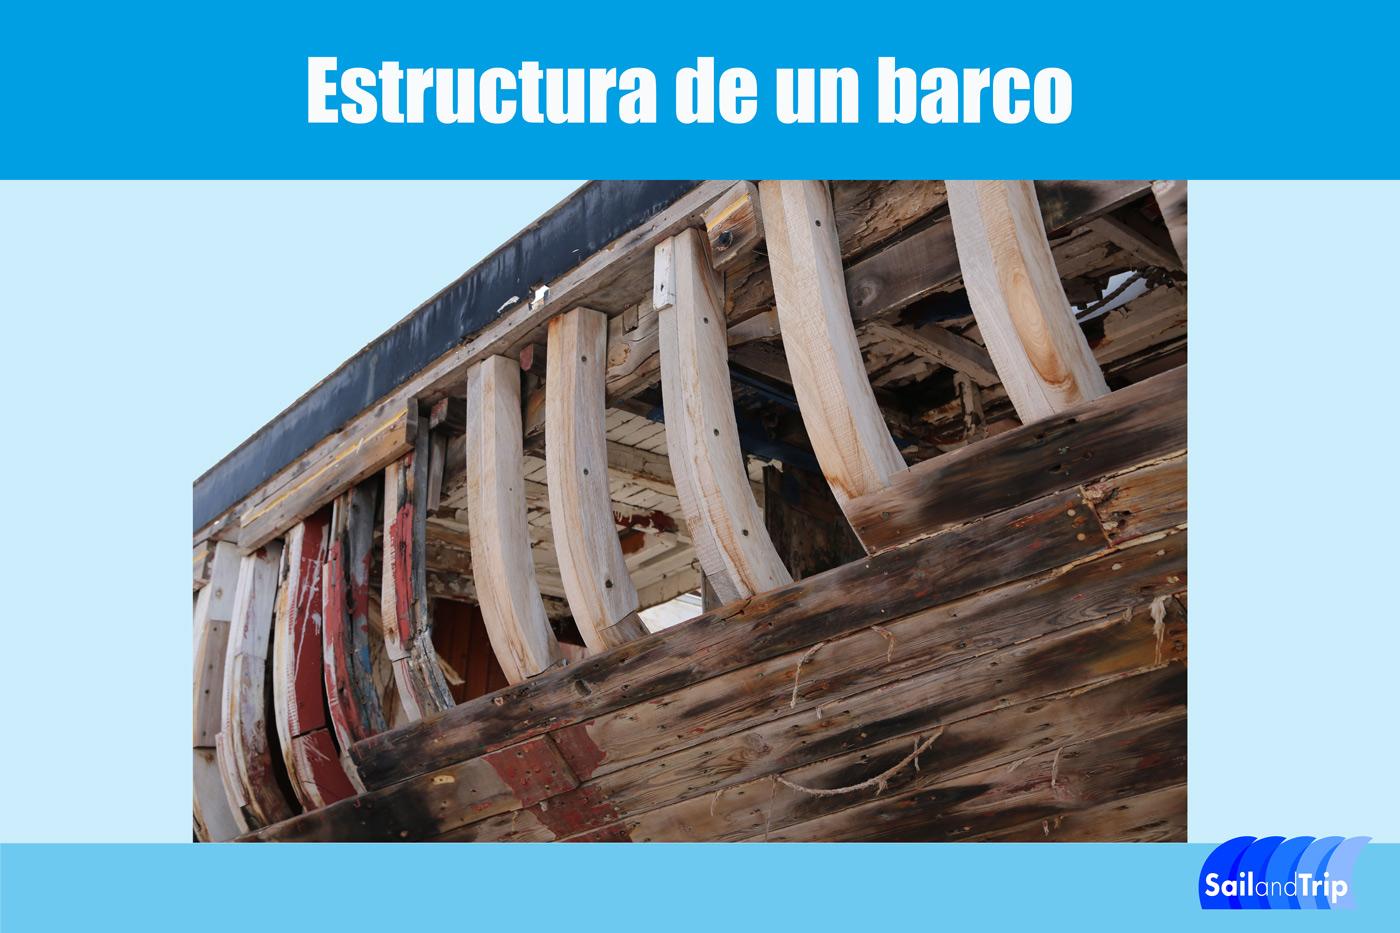 Estructura de un barco